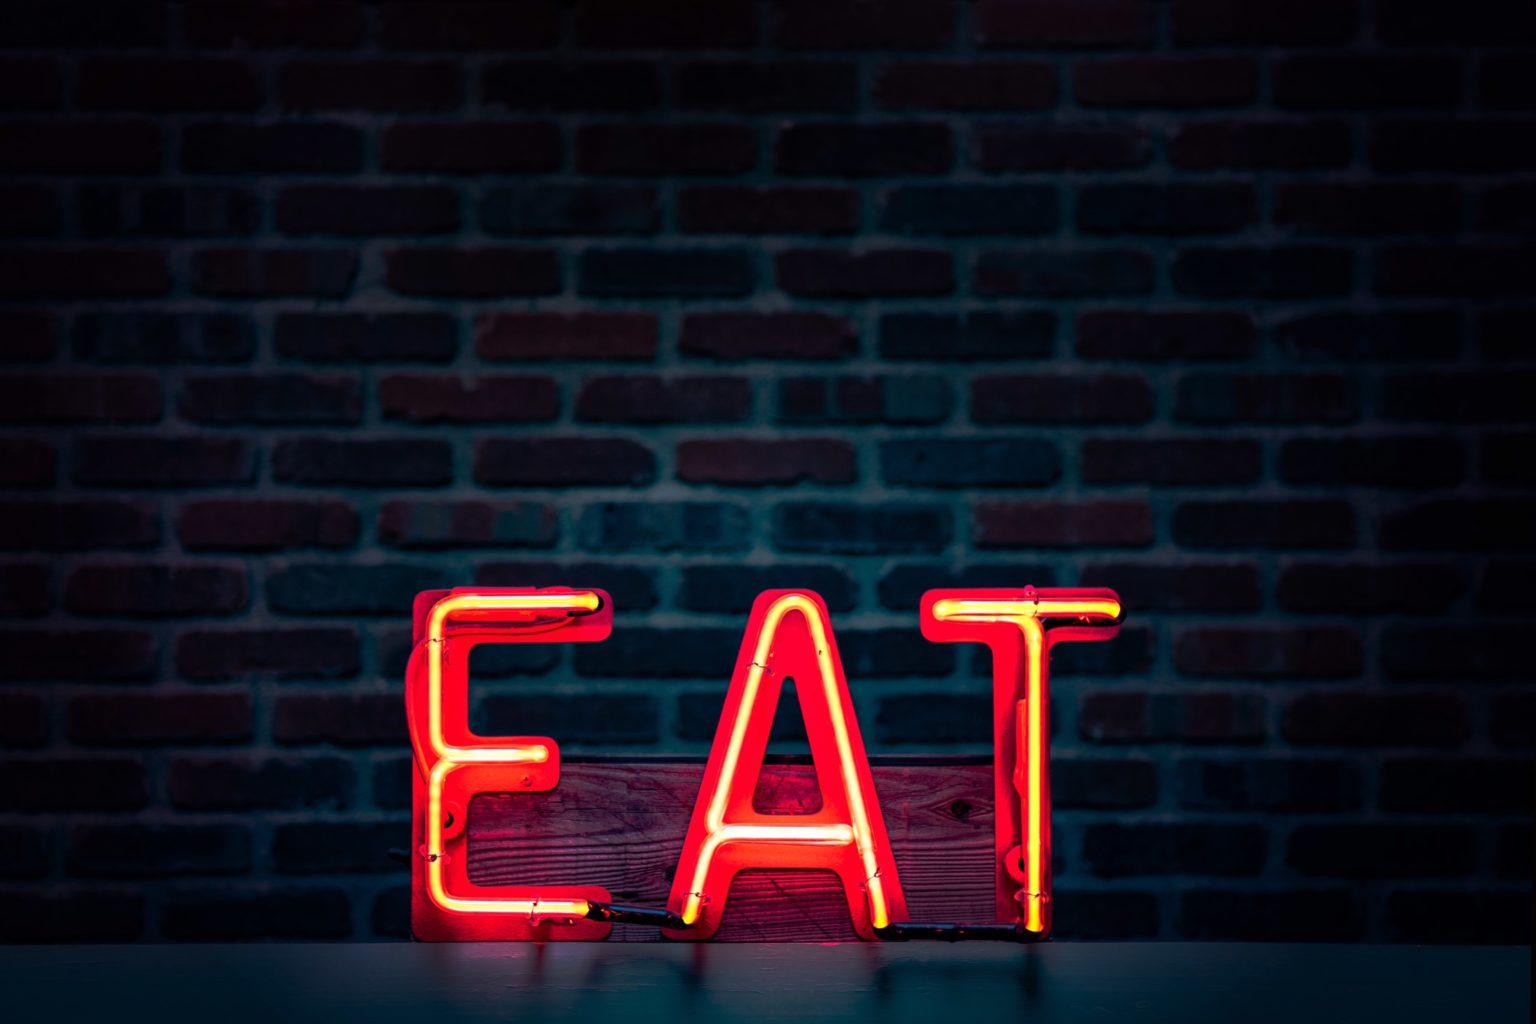 ネオンサイン-EAT